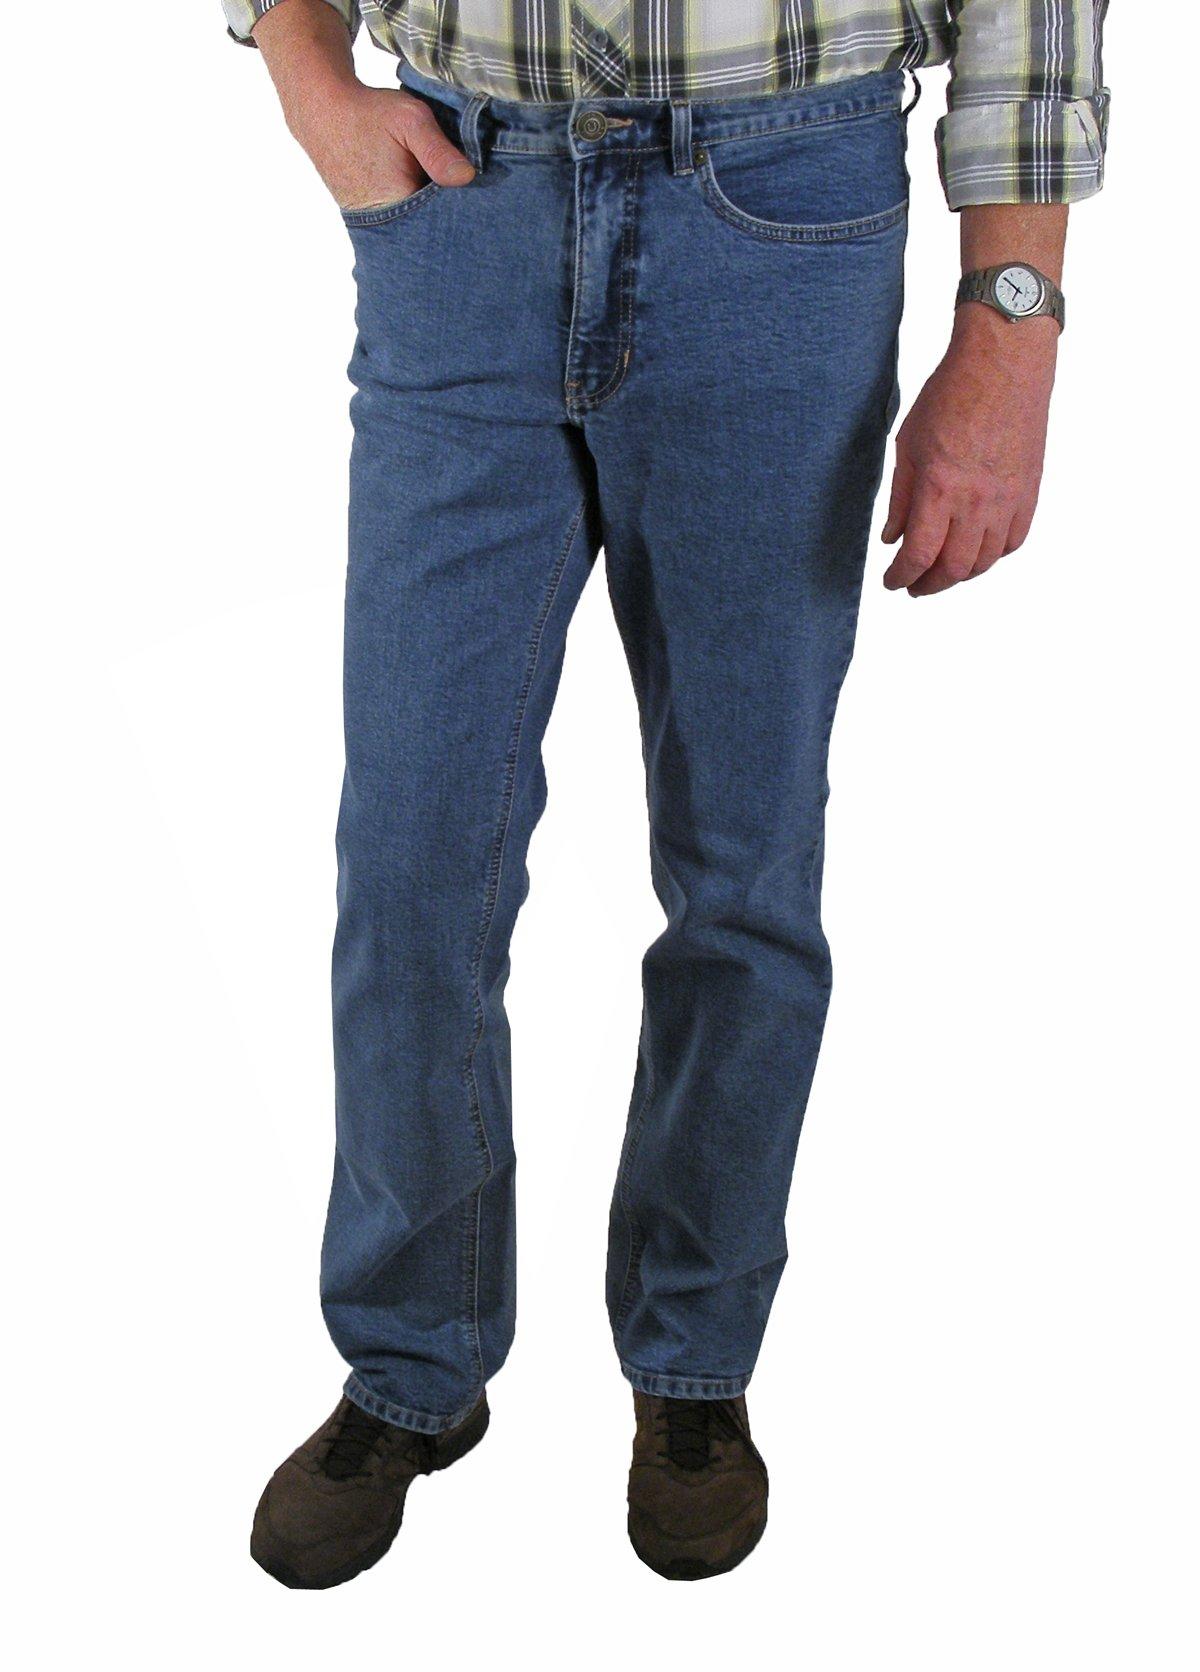 Mud Jeans die revolutionäre Jeansmarke